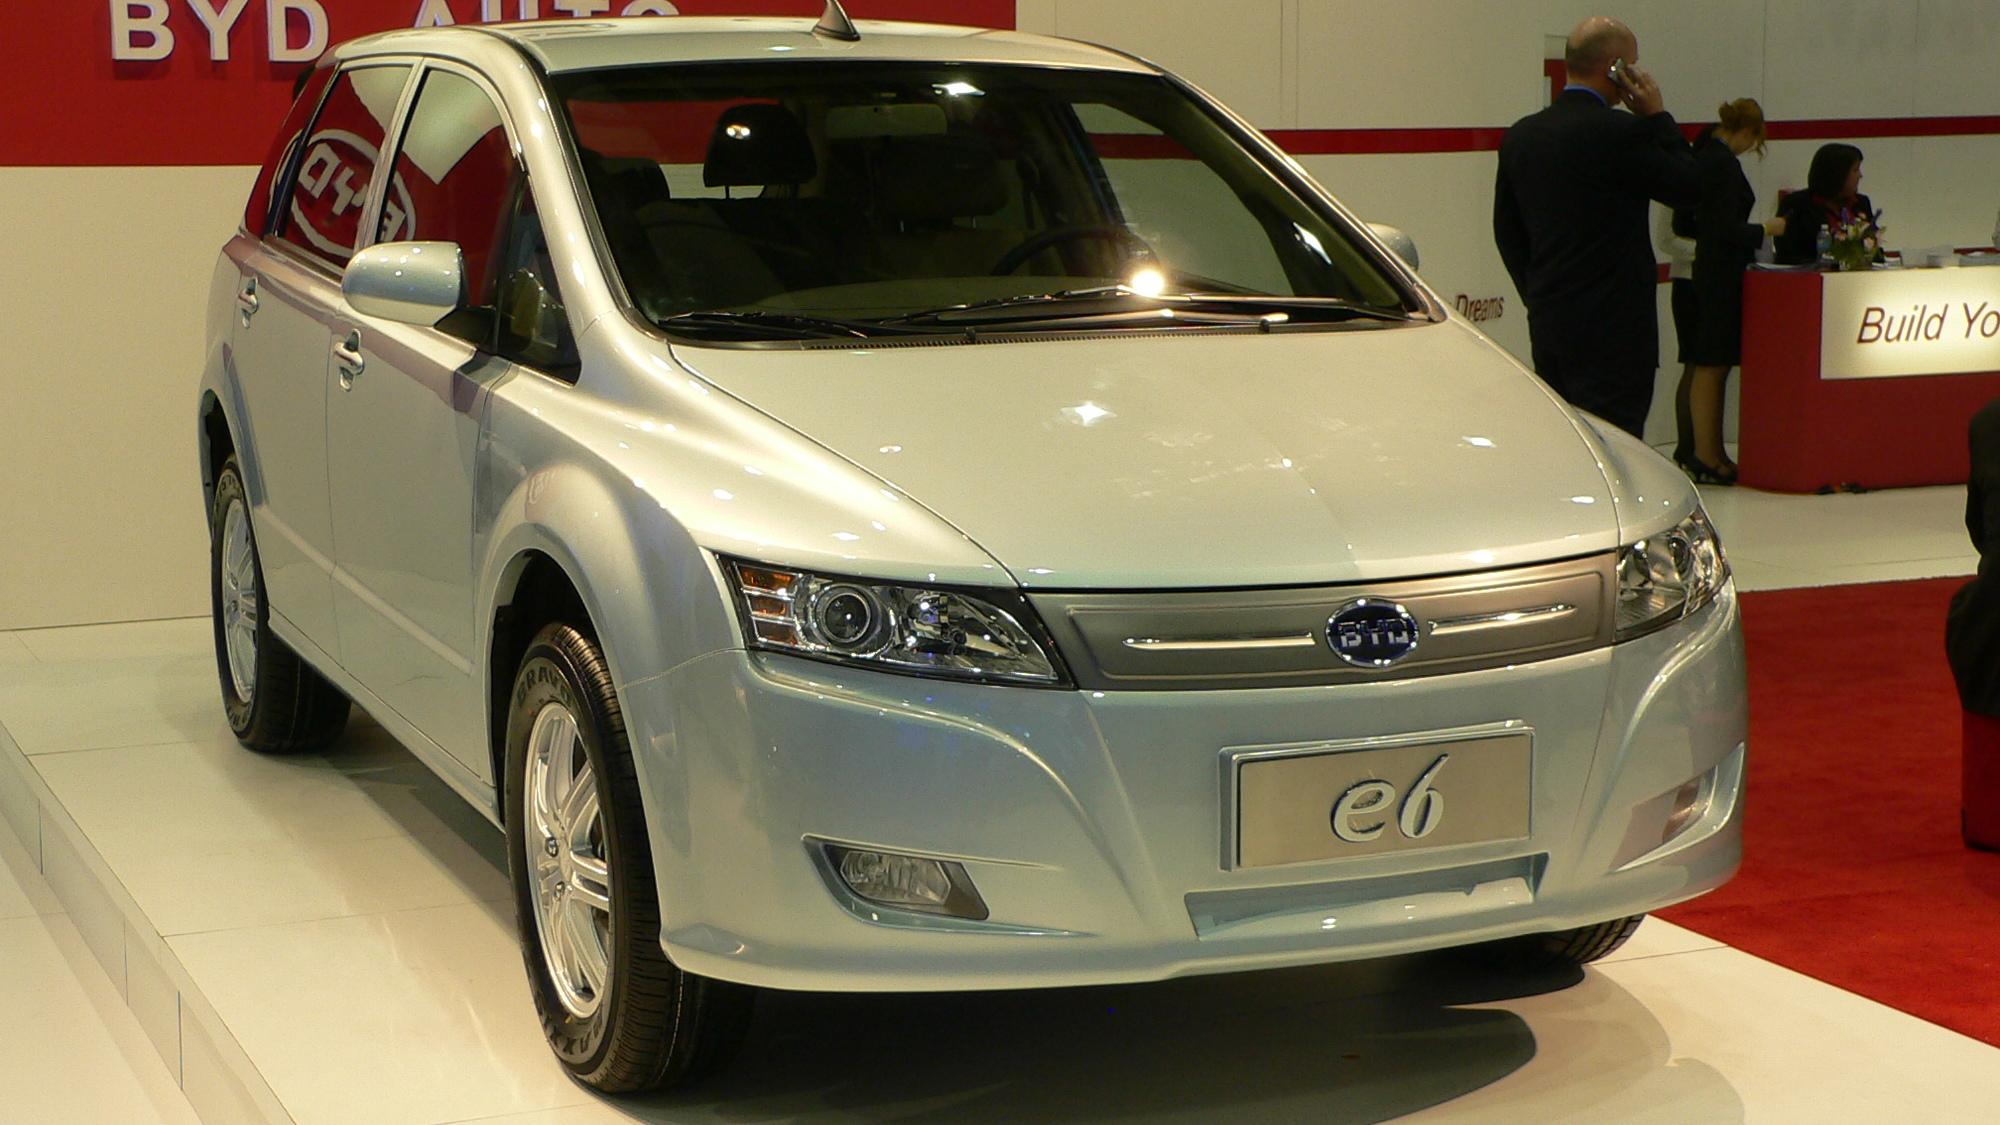 BYD e6 concept